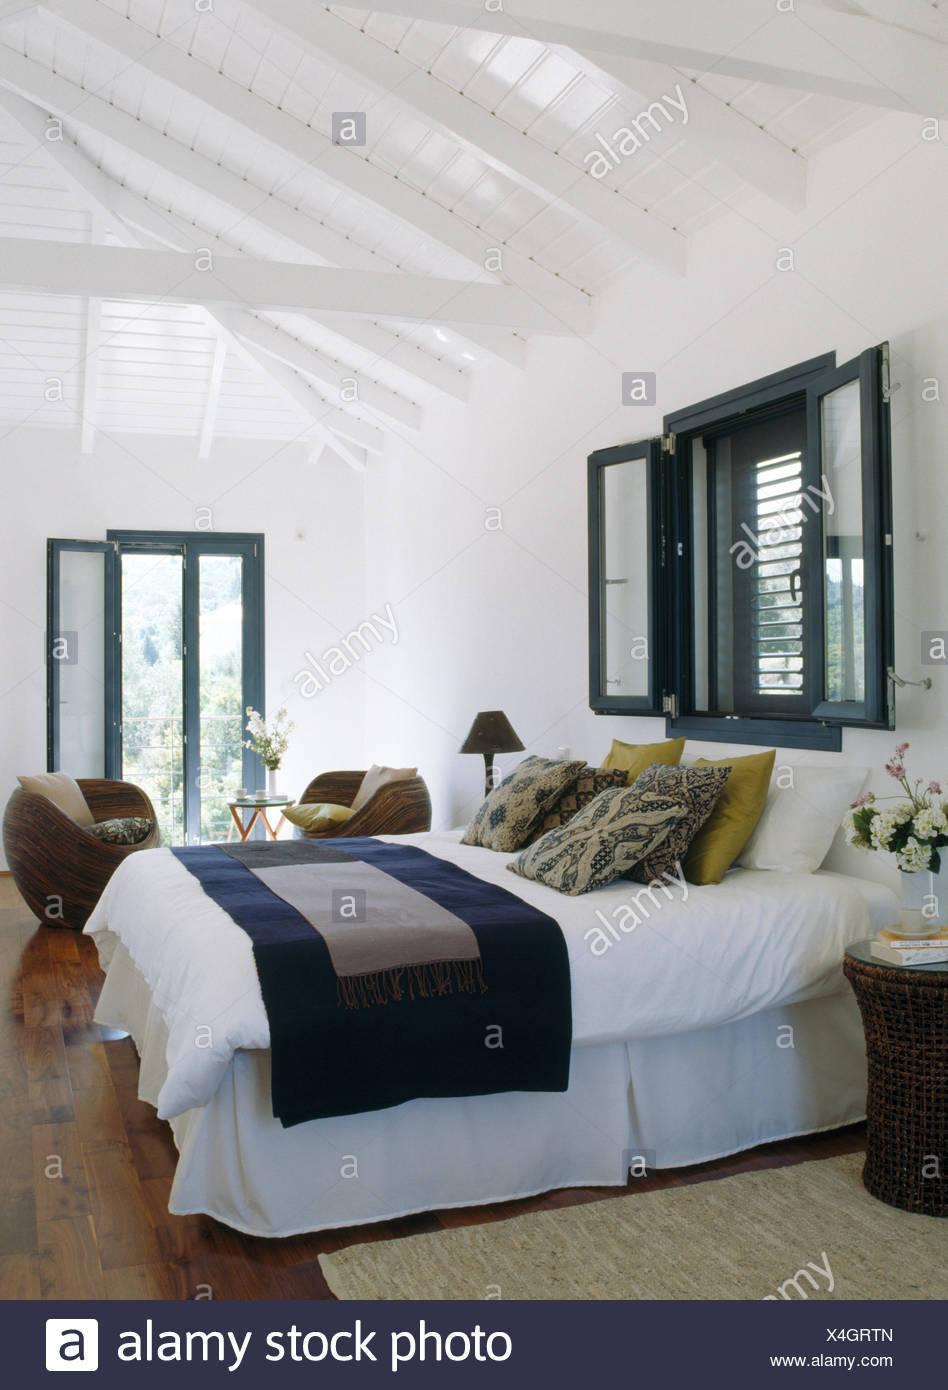 Finestra sopra il letto con biancheria bianca e blu buttare in ...